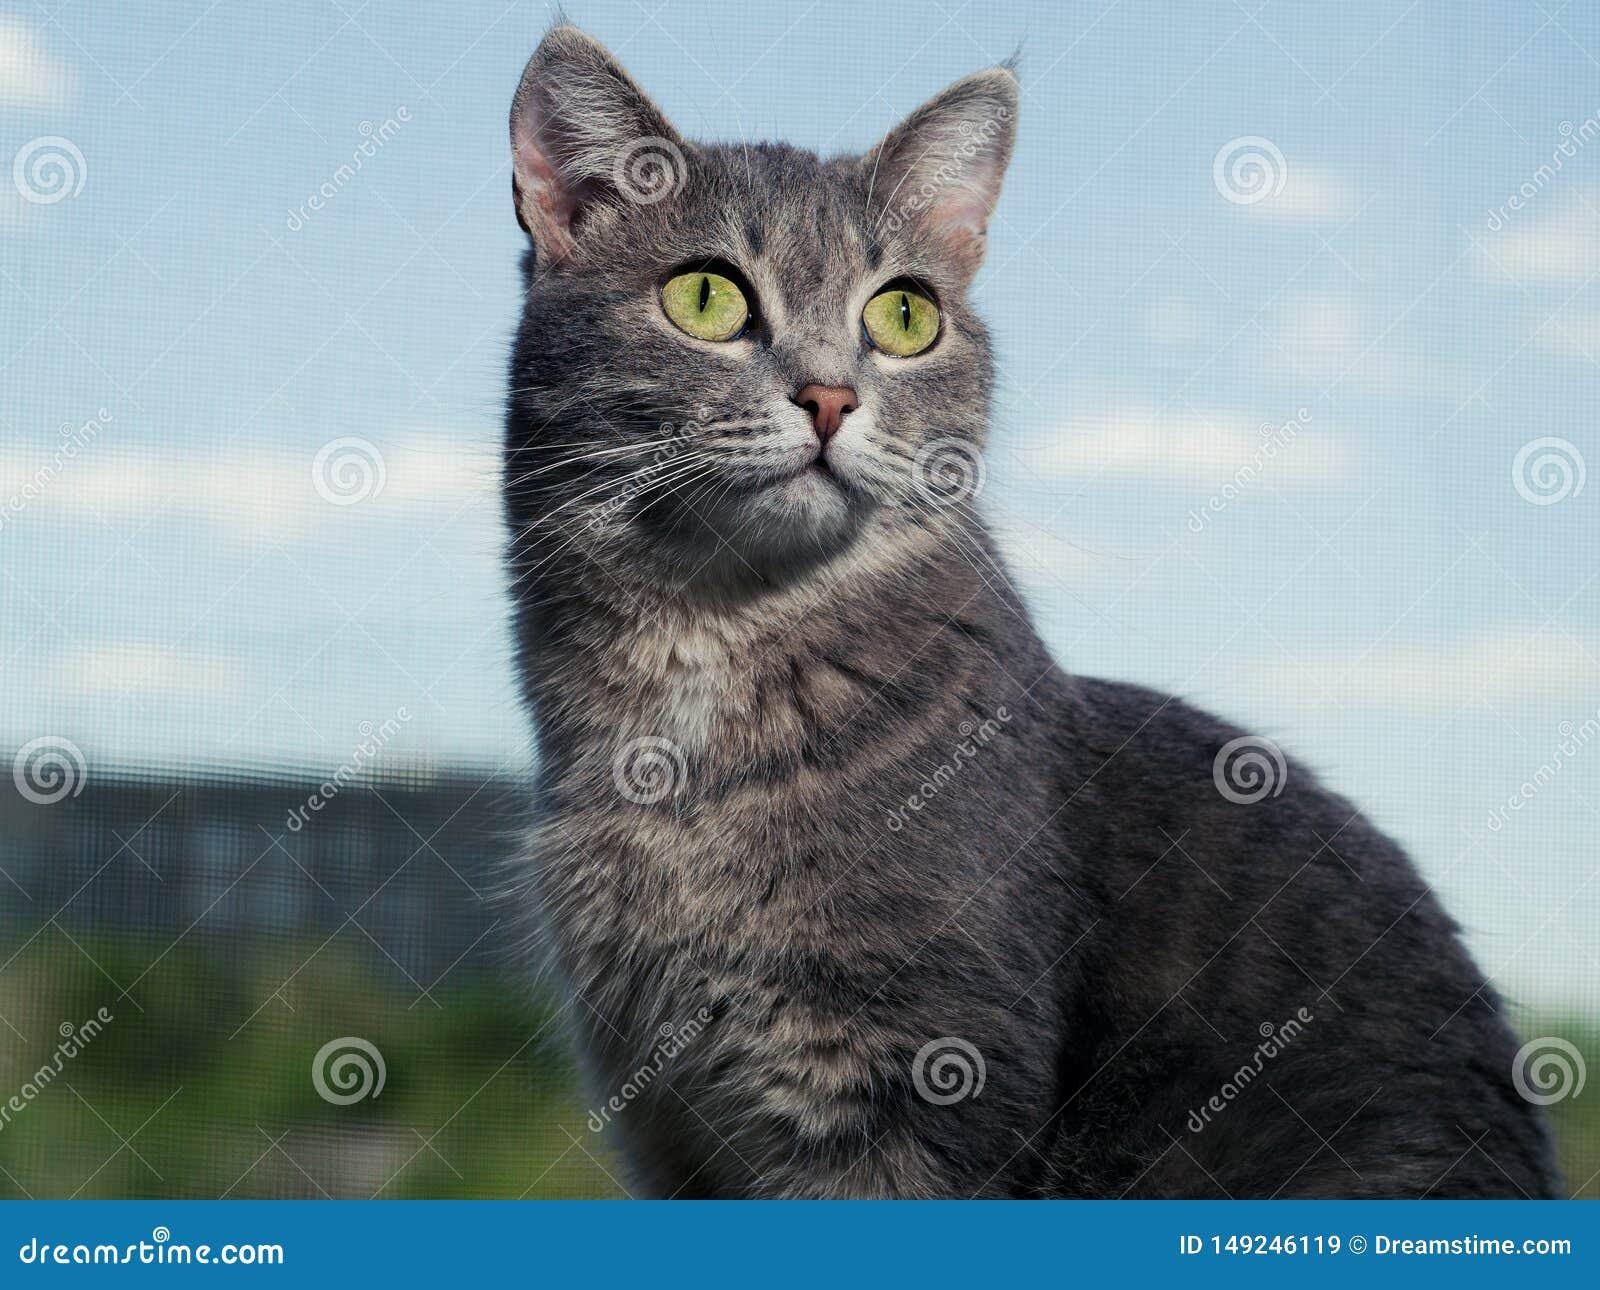 Красивый серый зелен-наблюданный кот с черно-белыми нашивками сидит на windowsill и смотрит немножко выше чем